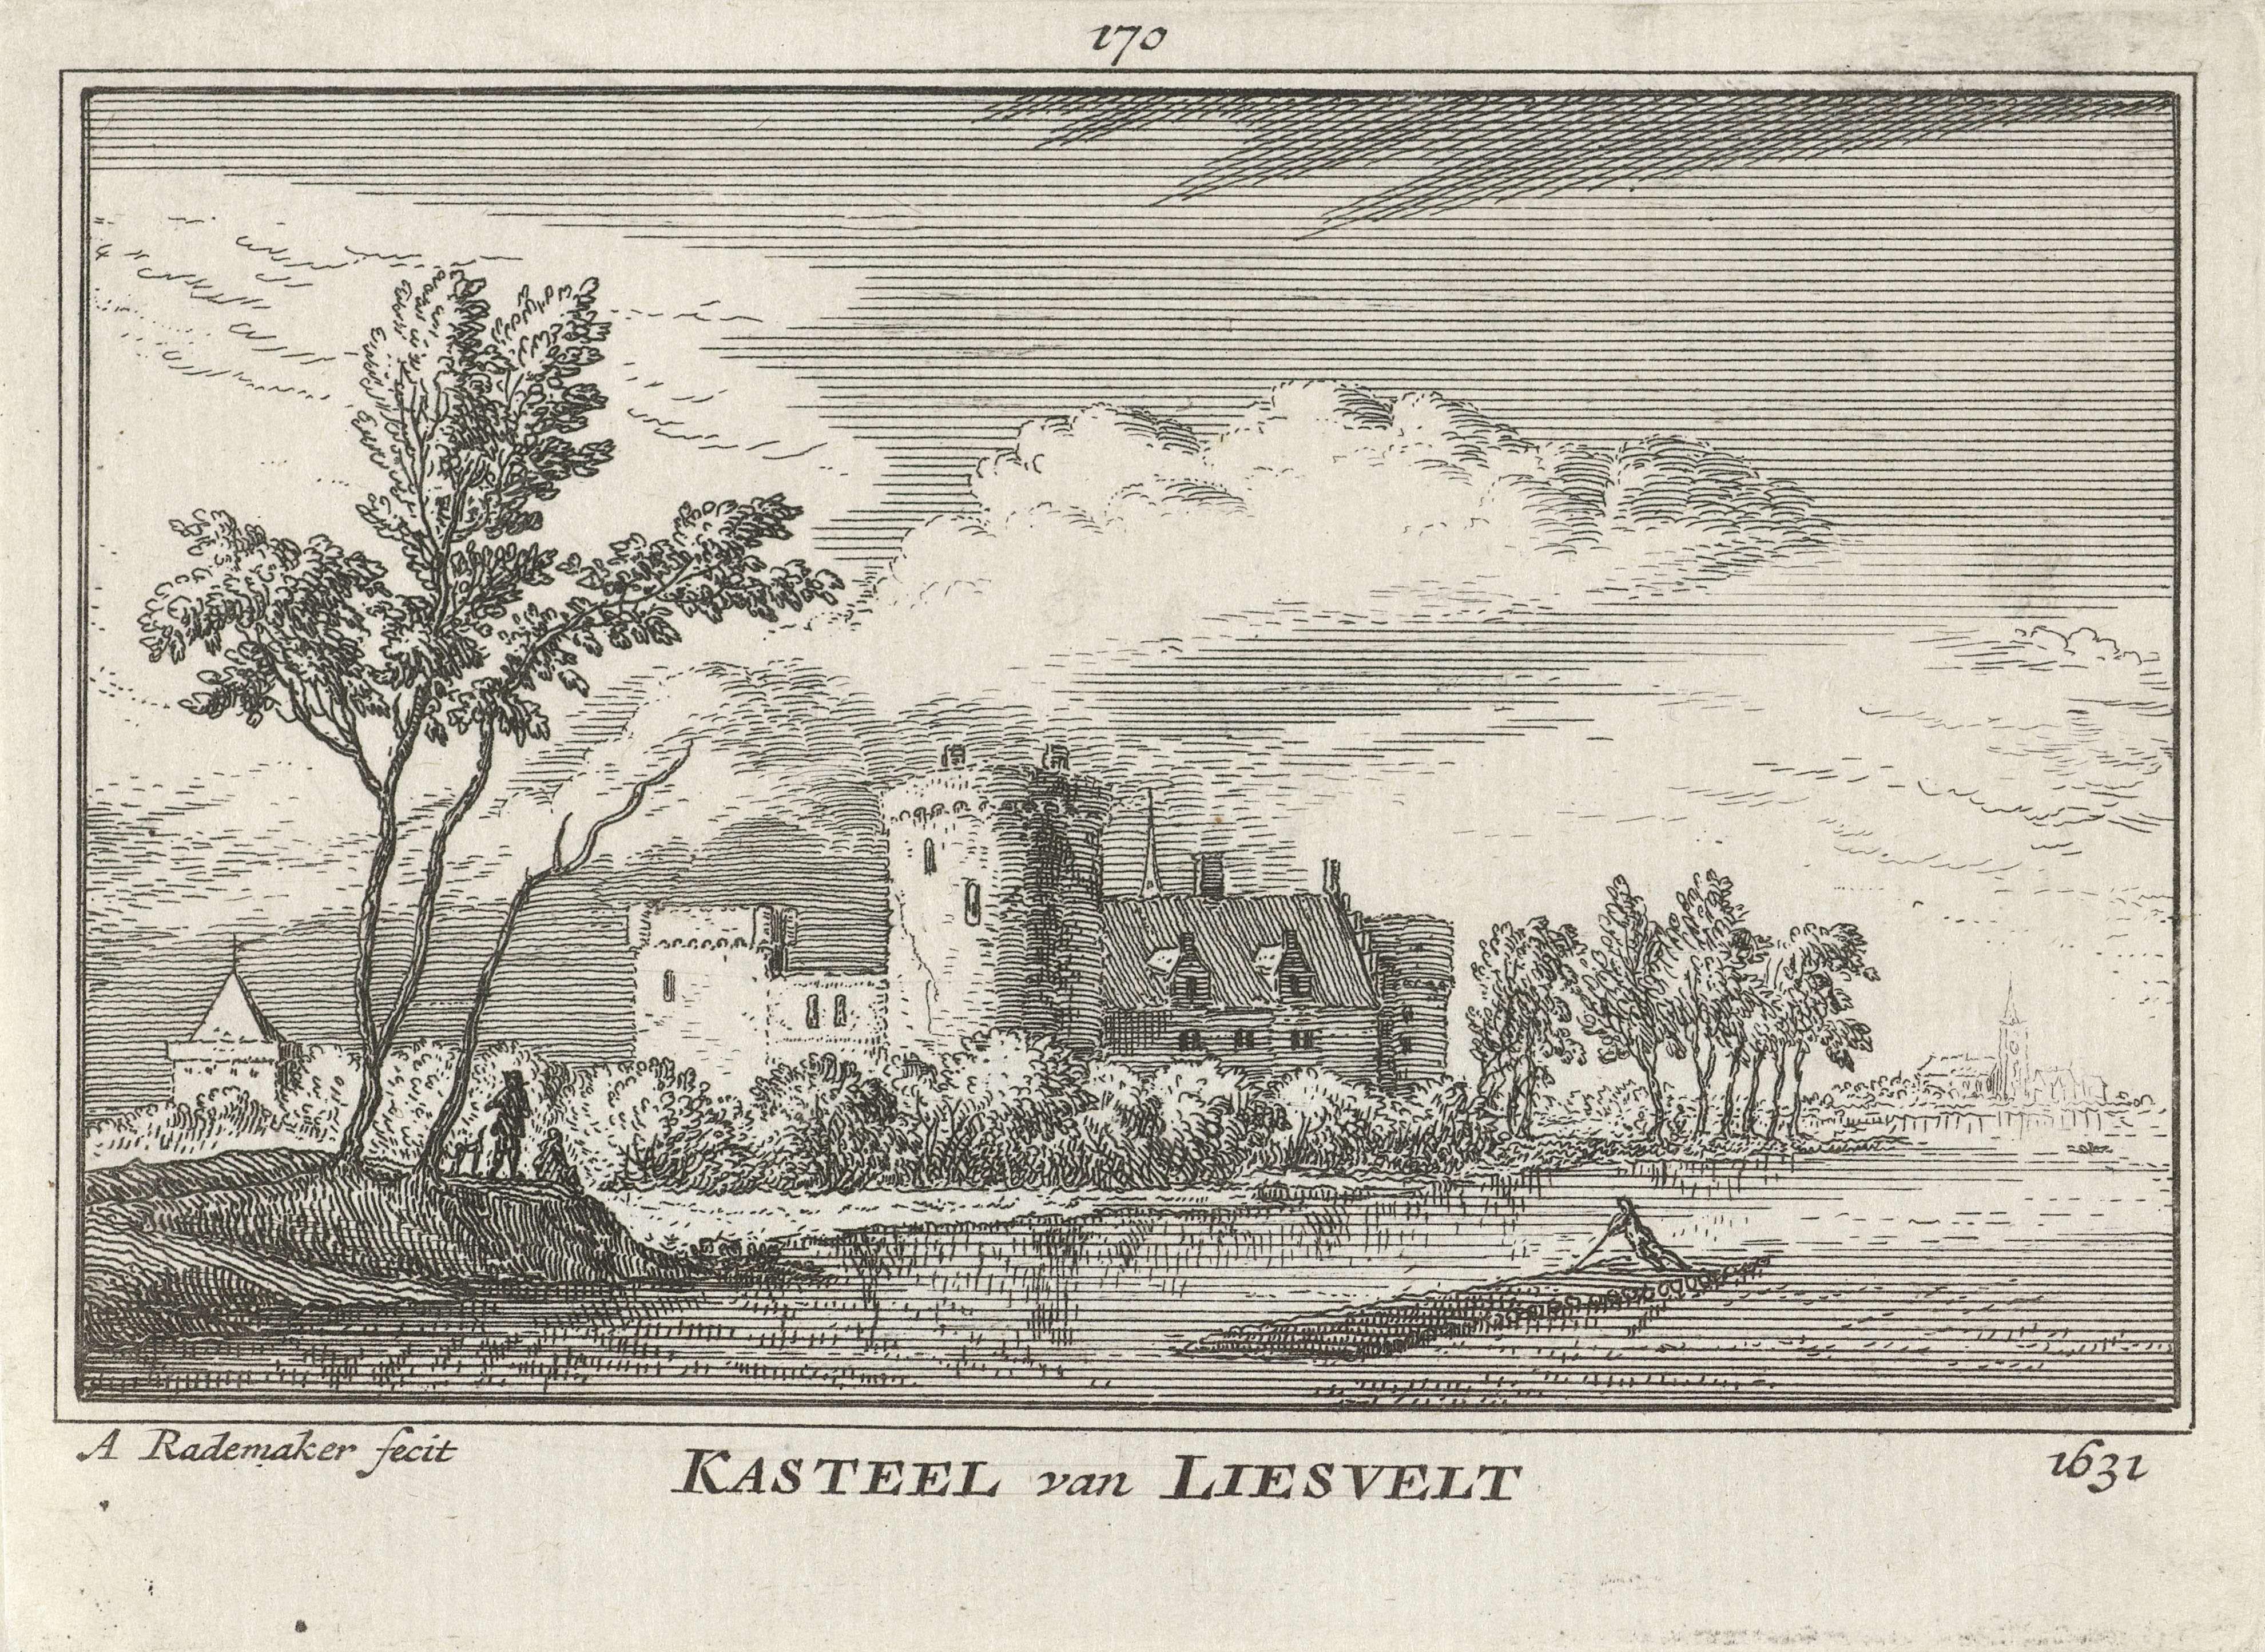 Abraham Rademaker | Kasteel Liesveld, Abraham Rademaker, Willem Barents, Antoni Schoonenburg, 1727 - 1733 | Gezicht vanaf de rivier de Lek op Kasteel Liesveld bij Groot-Ammers in de Alblasserwaard, in de situatie omstreeks 1631.